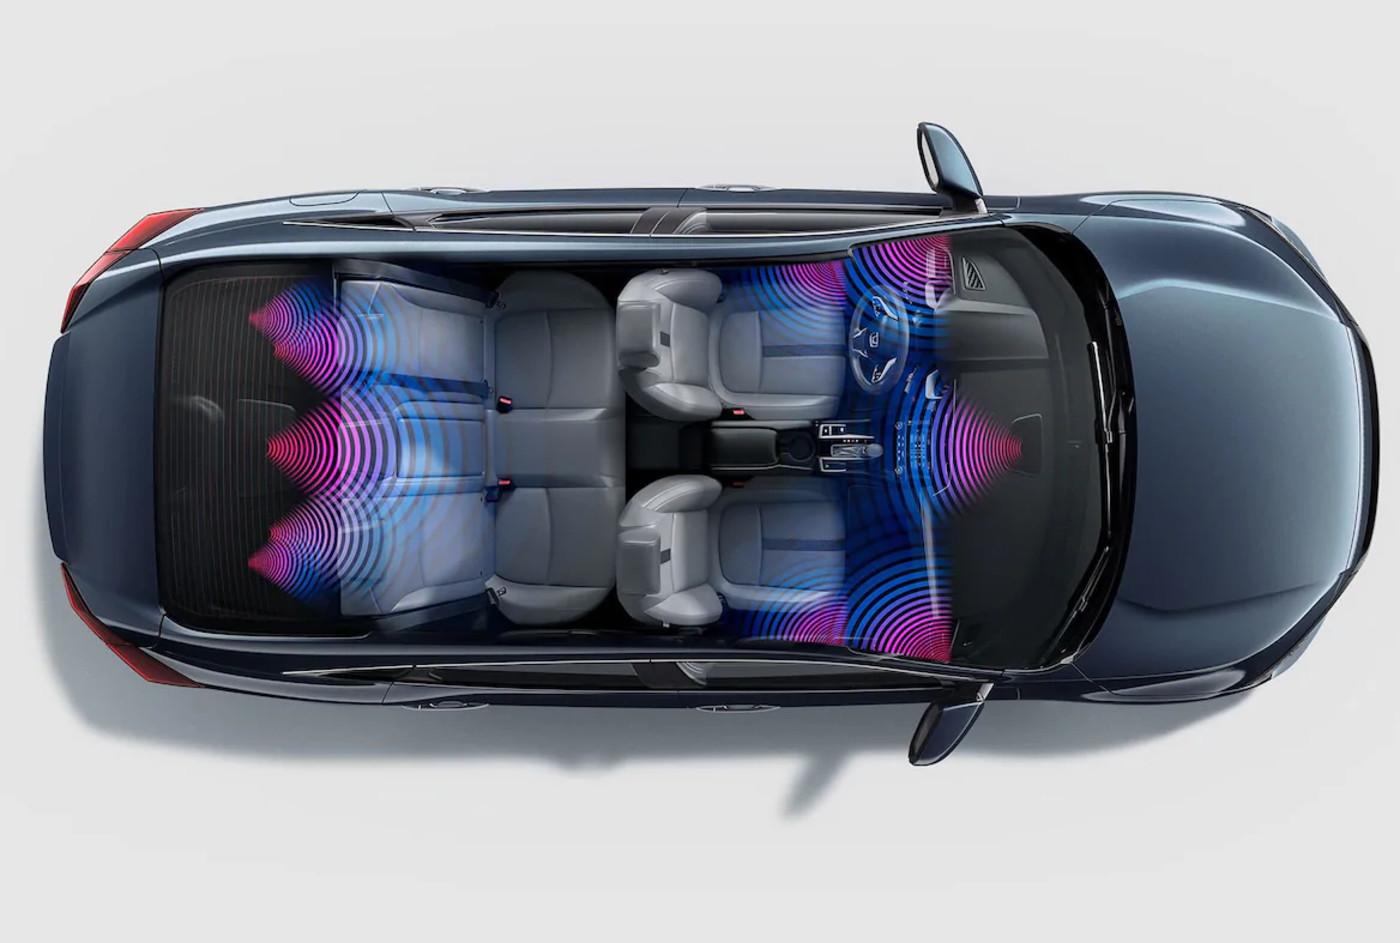 El sistema de sonido del Honda Civic 2019 es impresionante